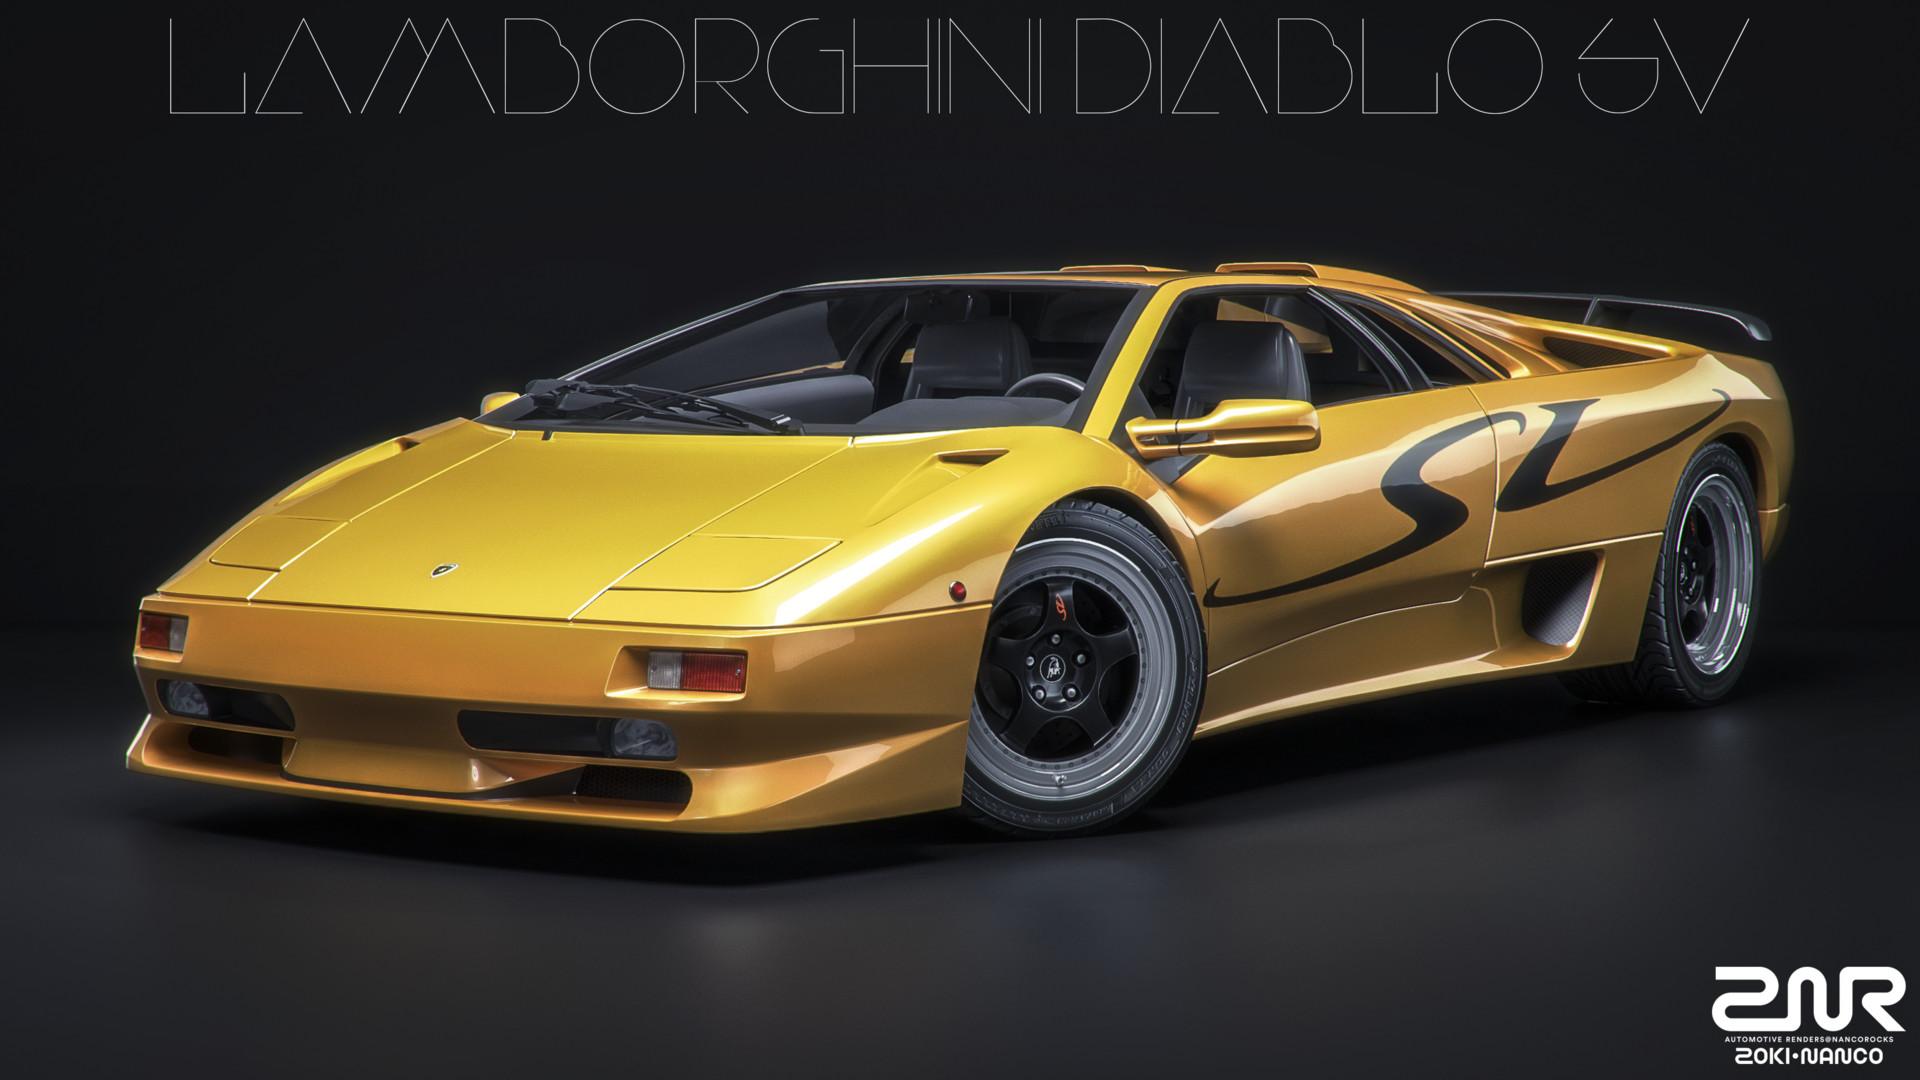 Artstation Lamborghini Diablo Sv Zoki Nanco Nancorocks Znr3d